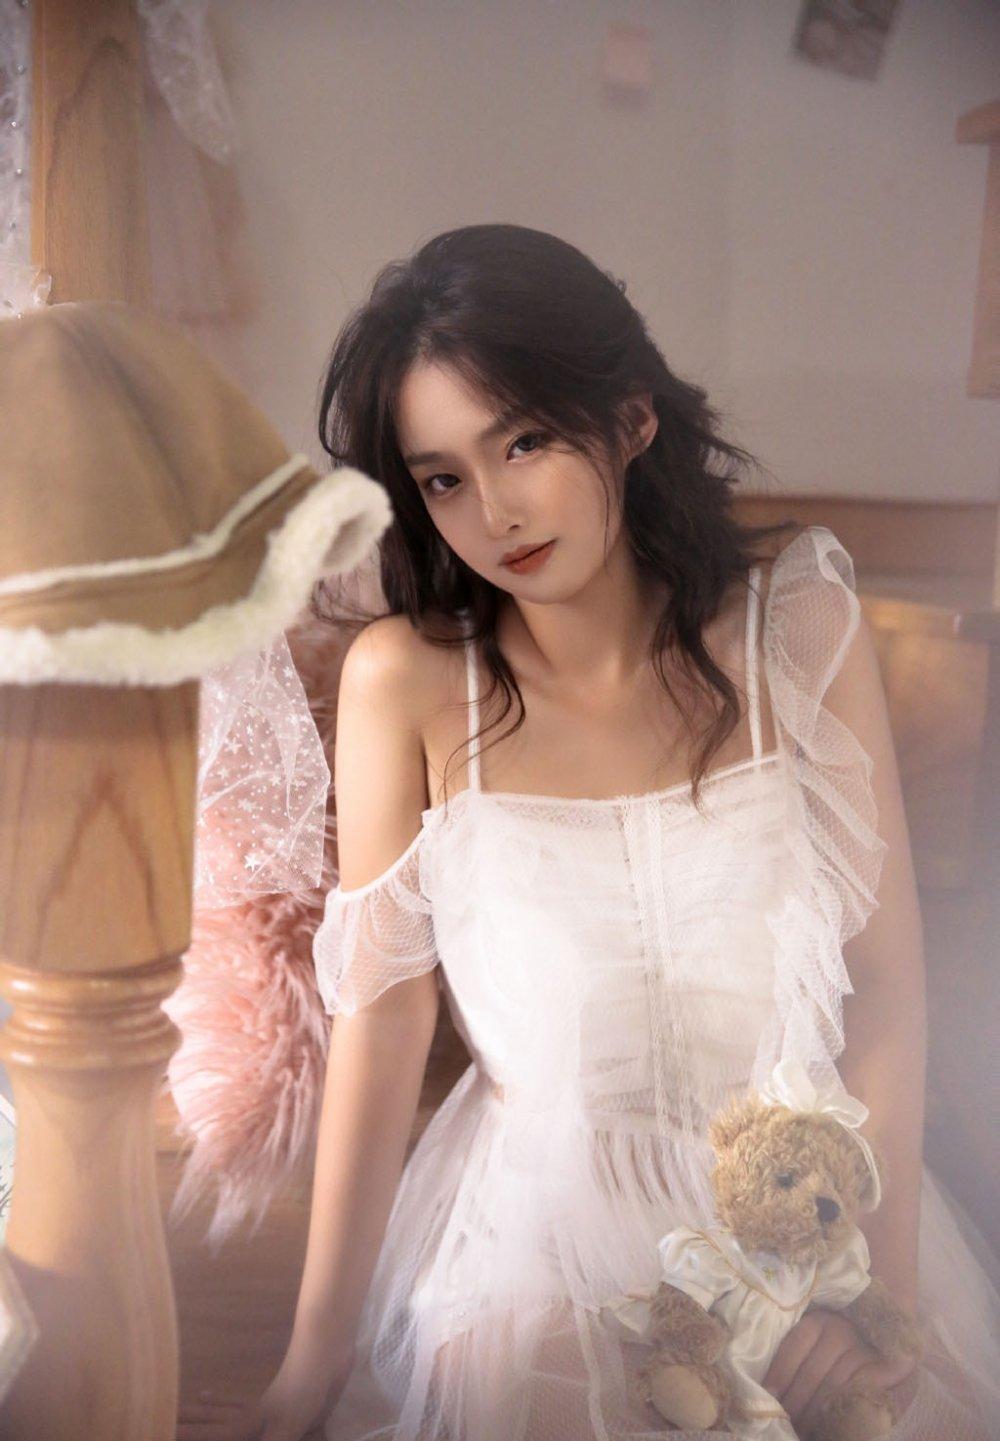 天鹅绒白纱裙梦幻性感美女艺术写真